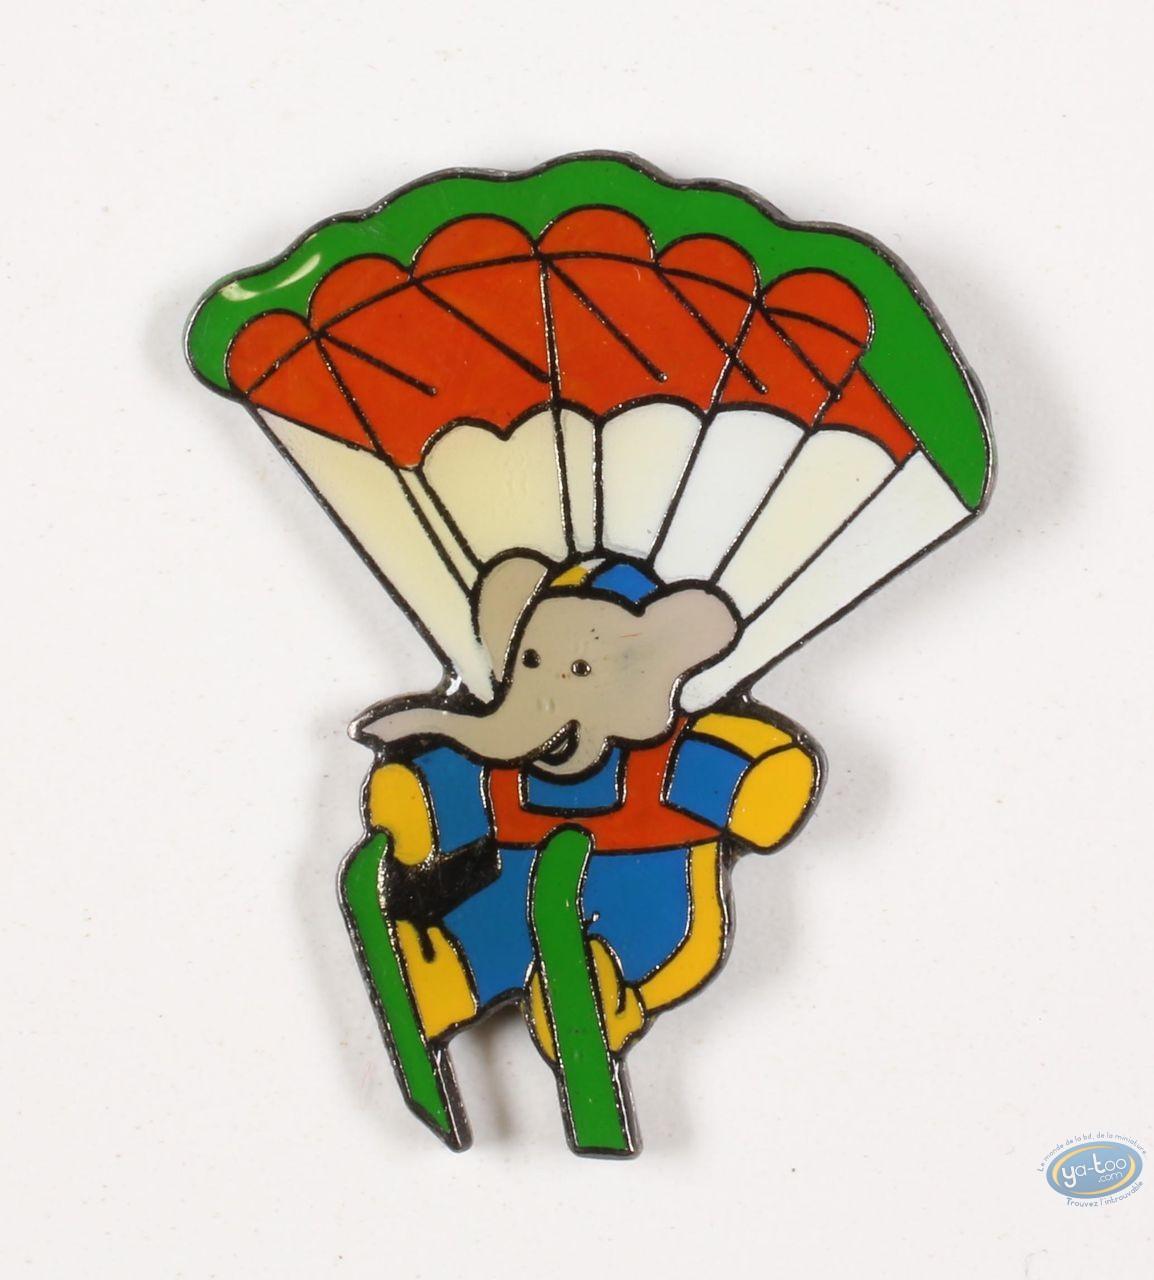 Pin's, Babar : Babar in parachute with ski